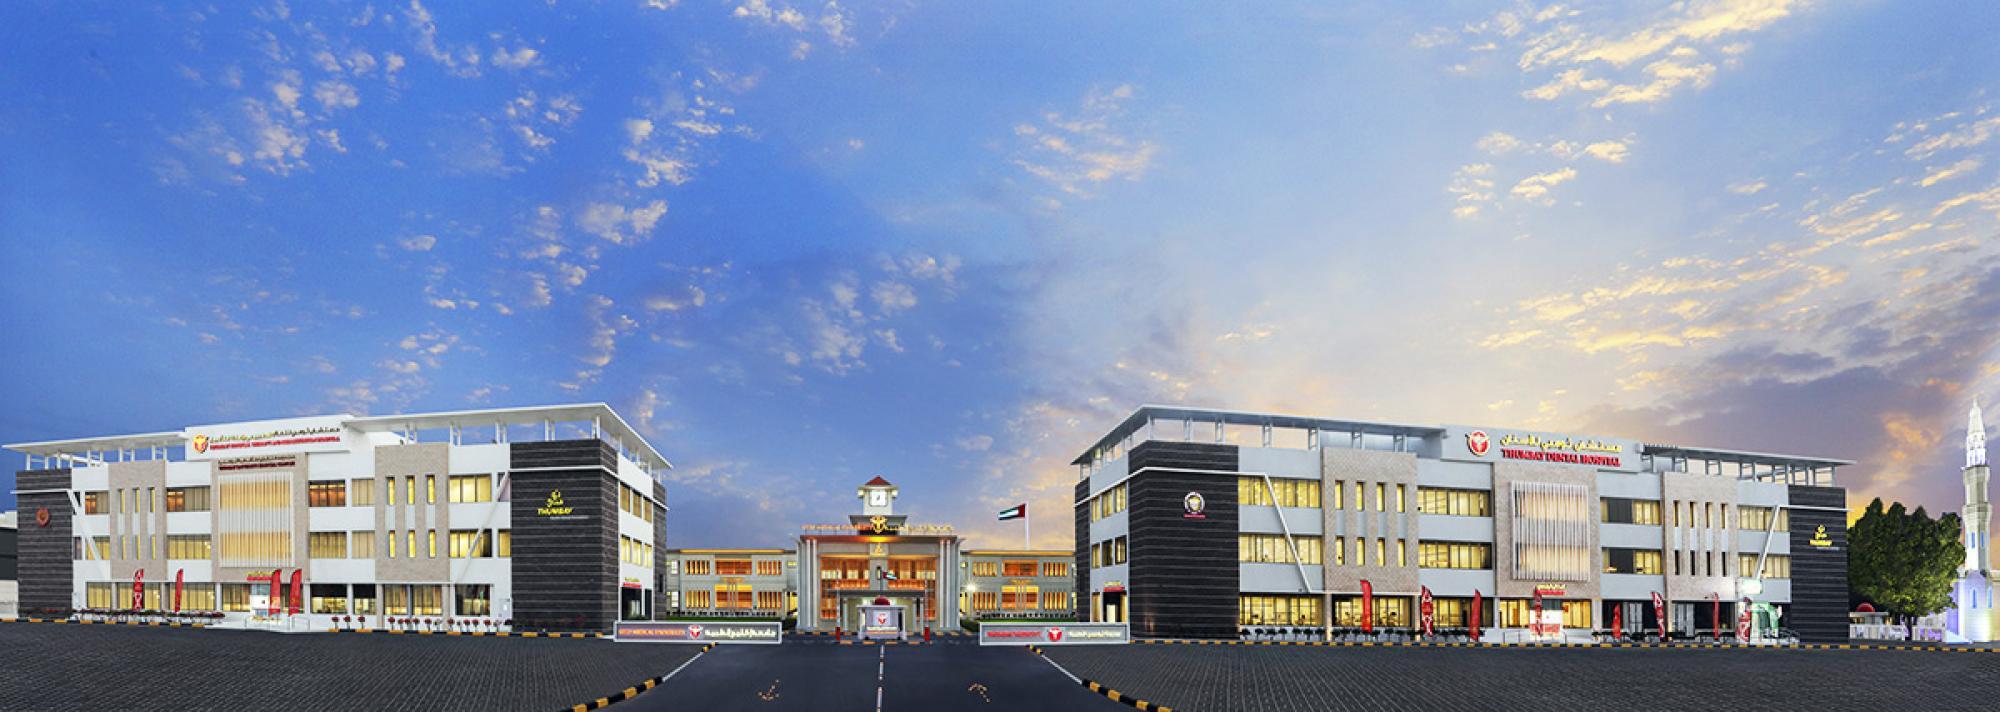 Ajman UAE Micro-Campus